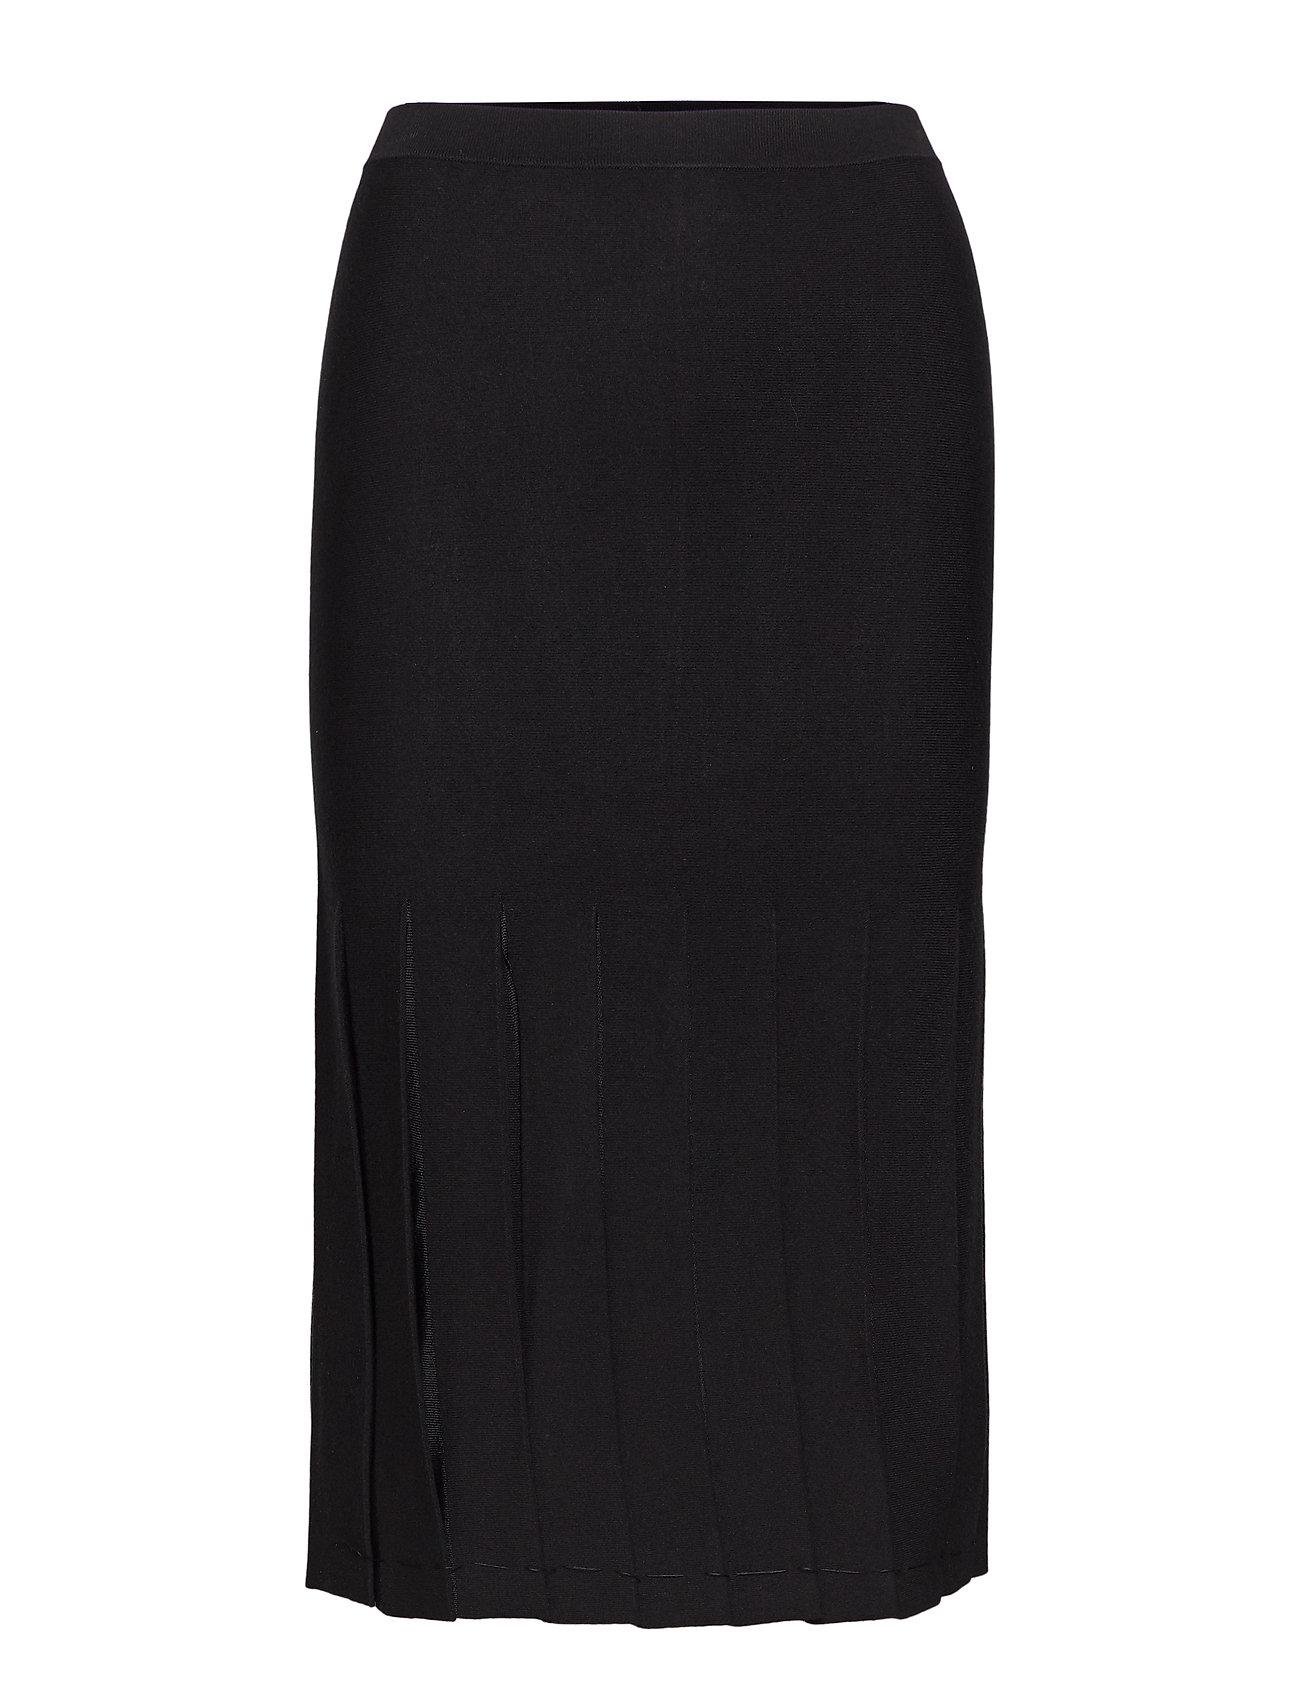 Skirt blackTheory Pleated prosecblack Pleated prosecblack Skirt Skirt Pleated blackTheory qzMGpVSU